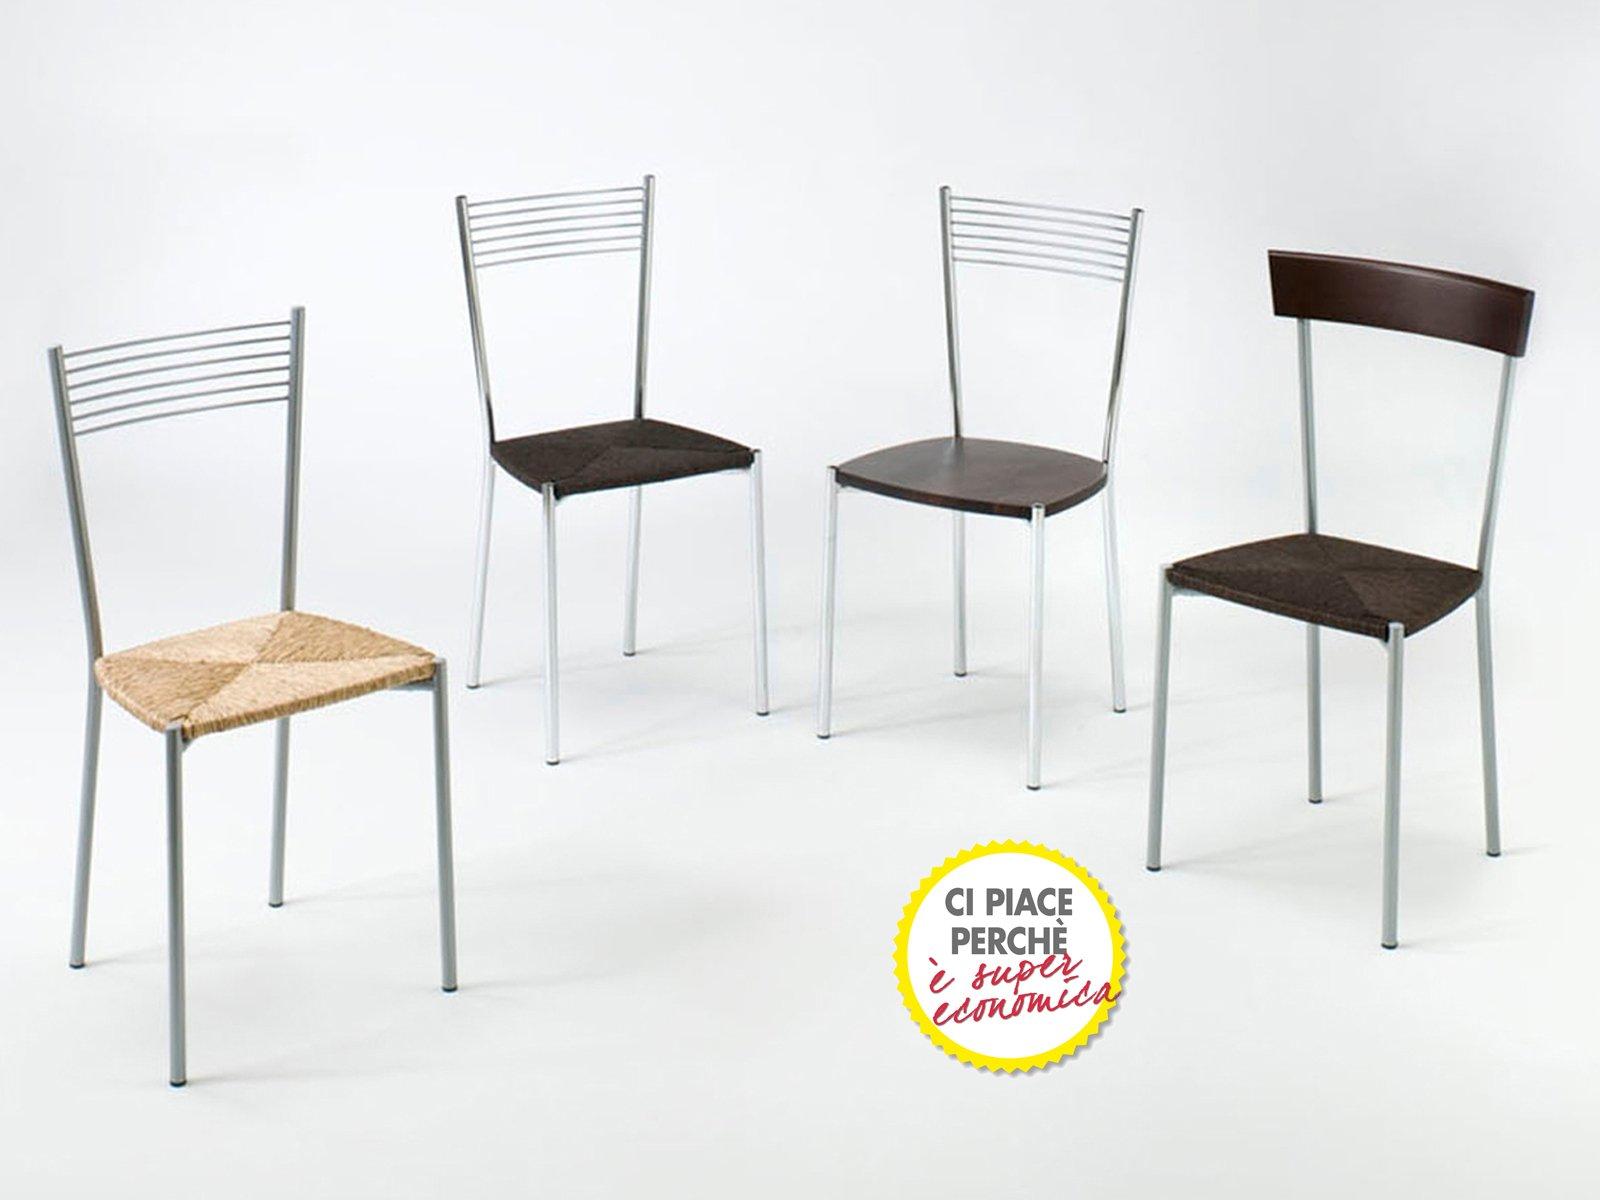 Sedie low cost 15 modelli a meno di 100 euro cose di casa for Ikea sedie legno